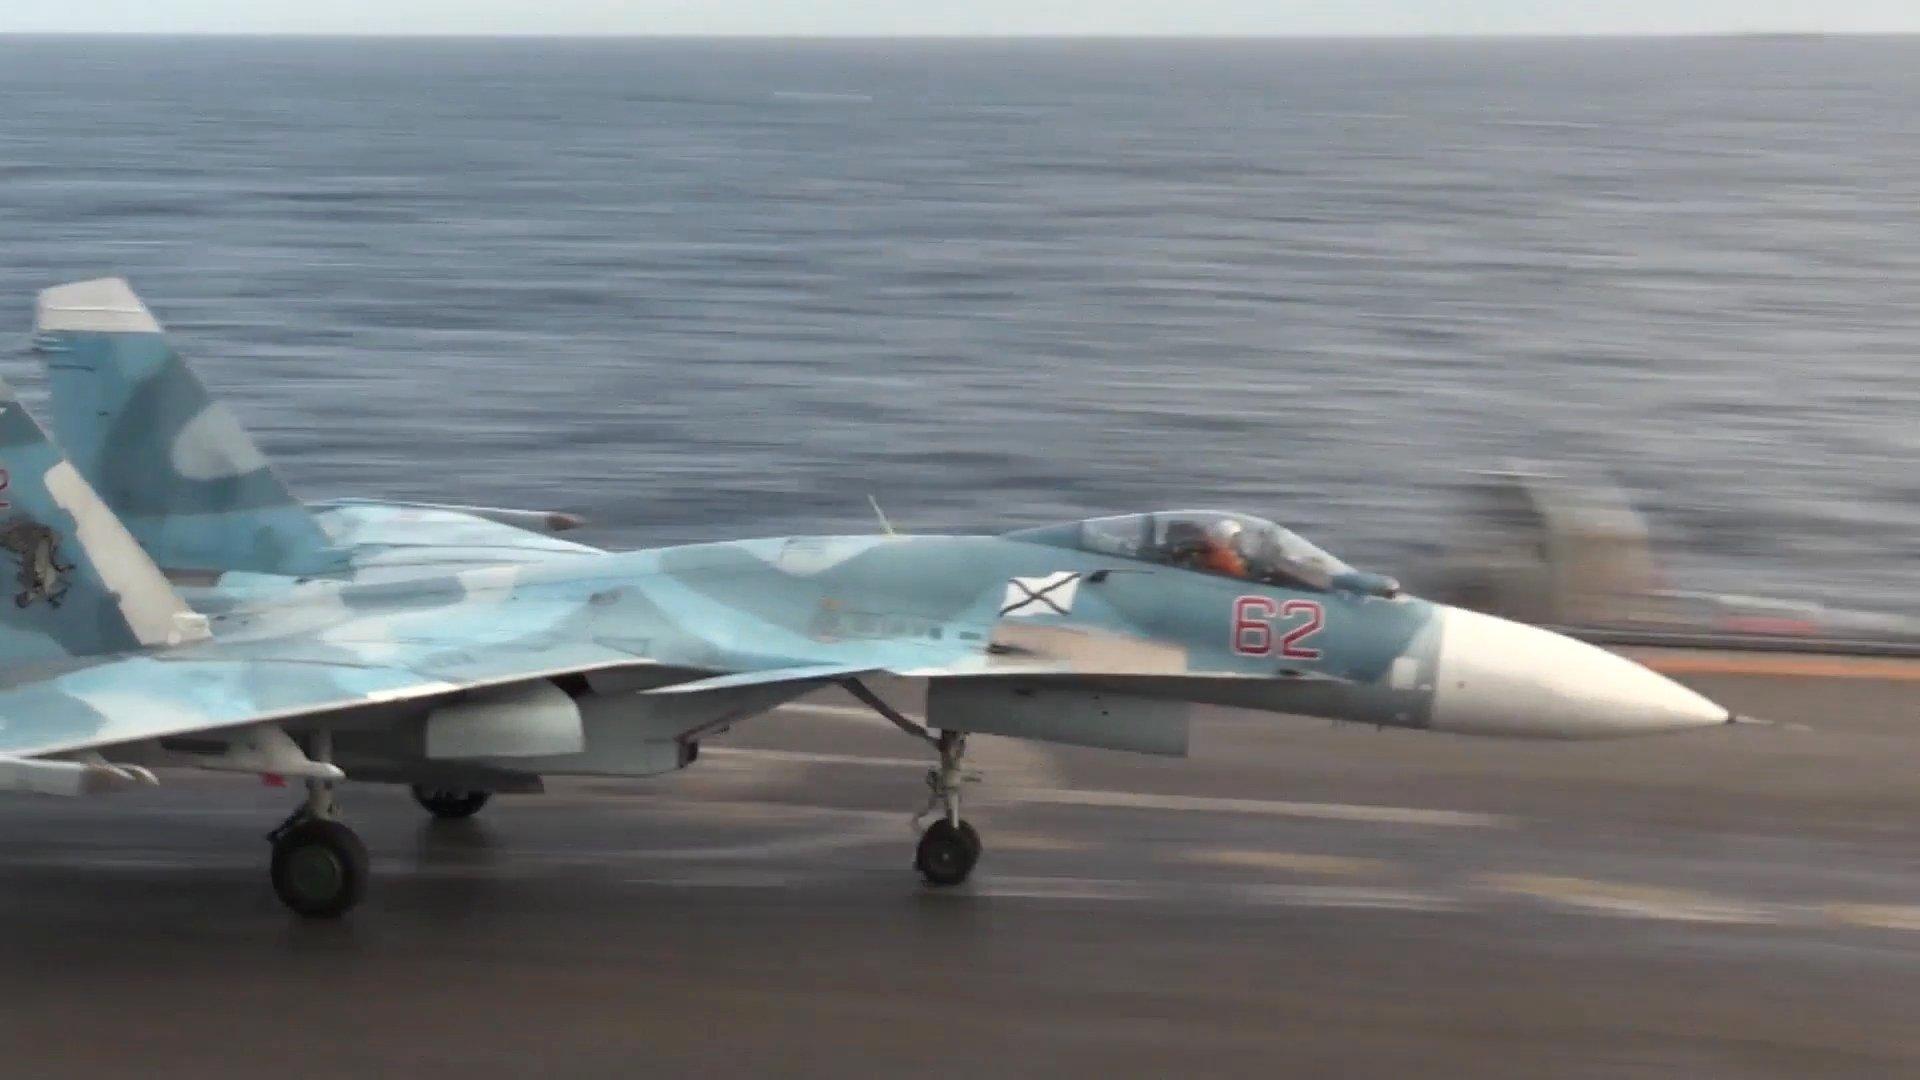 Истребитель Су-33 на палубе тяжёлого авианесущего крейсера Адмирал Флота Советского Союза Кузнецов у берегов Сирии в Средиземном море.